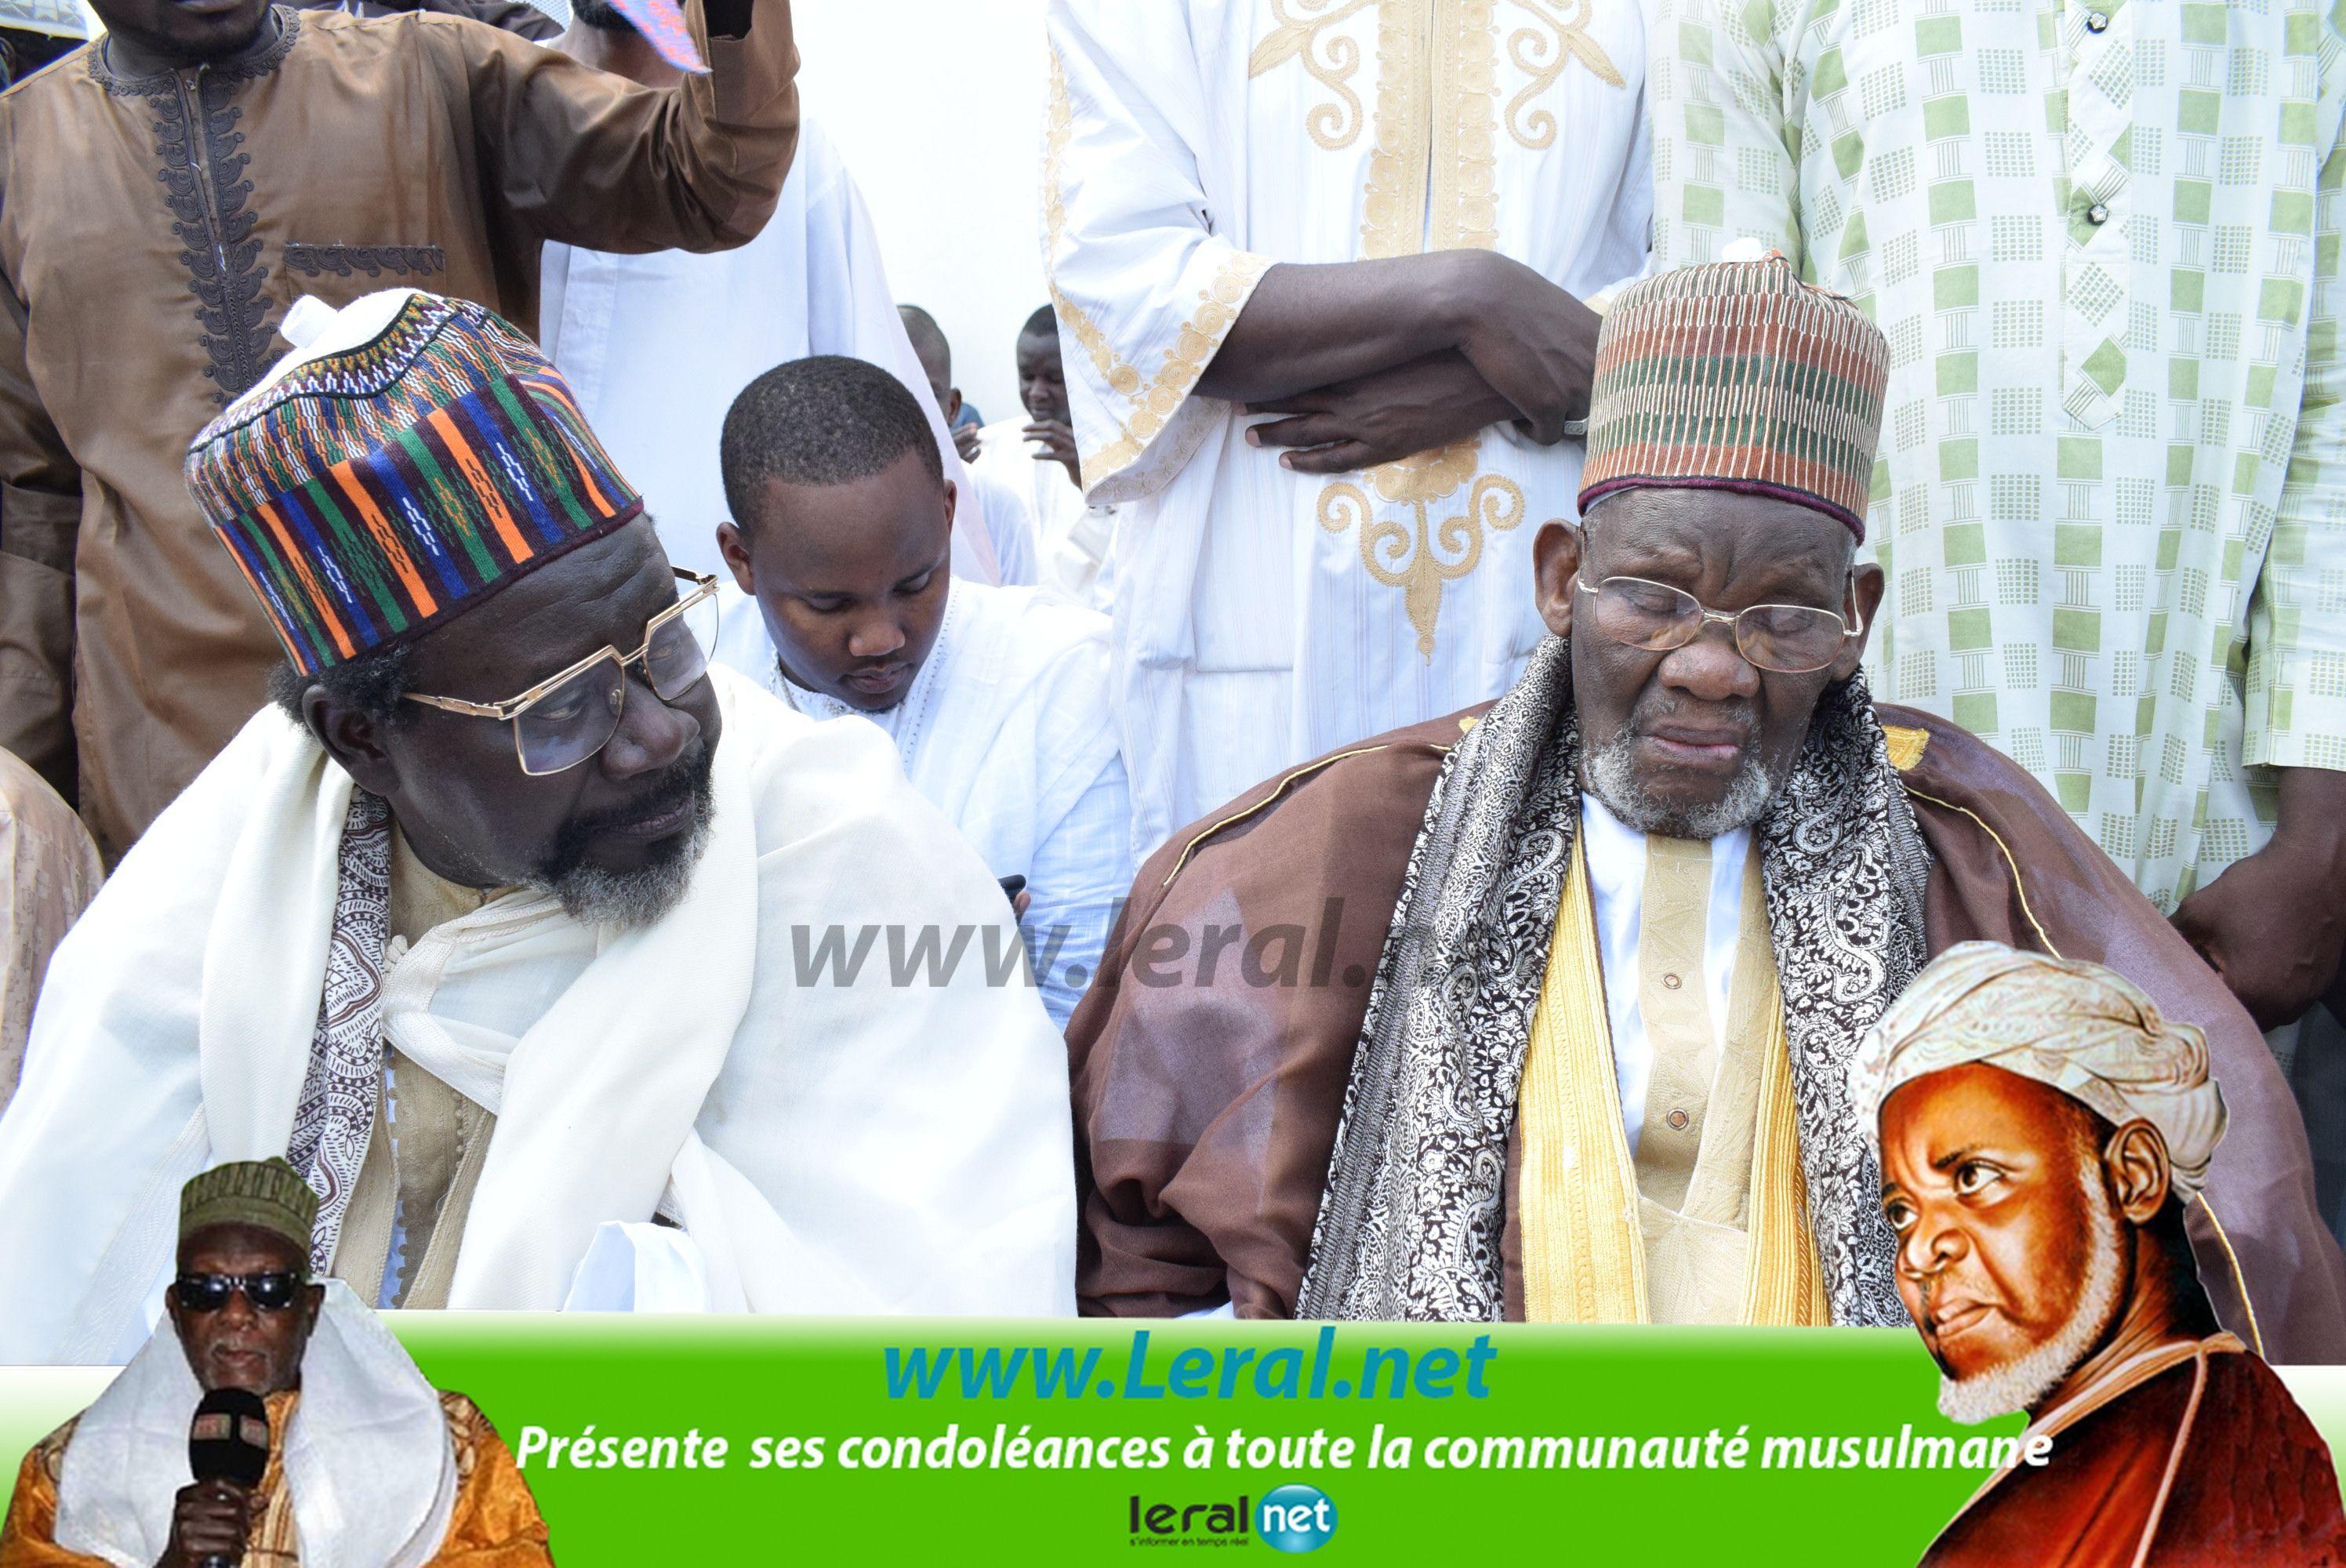 Découvrez les premières images de l'inhumation de feu El Hadji Ibrahima Niasse